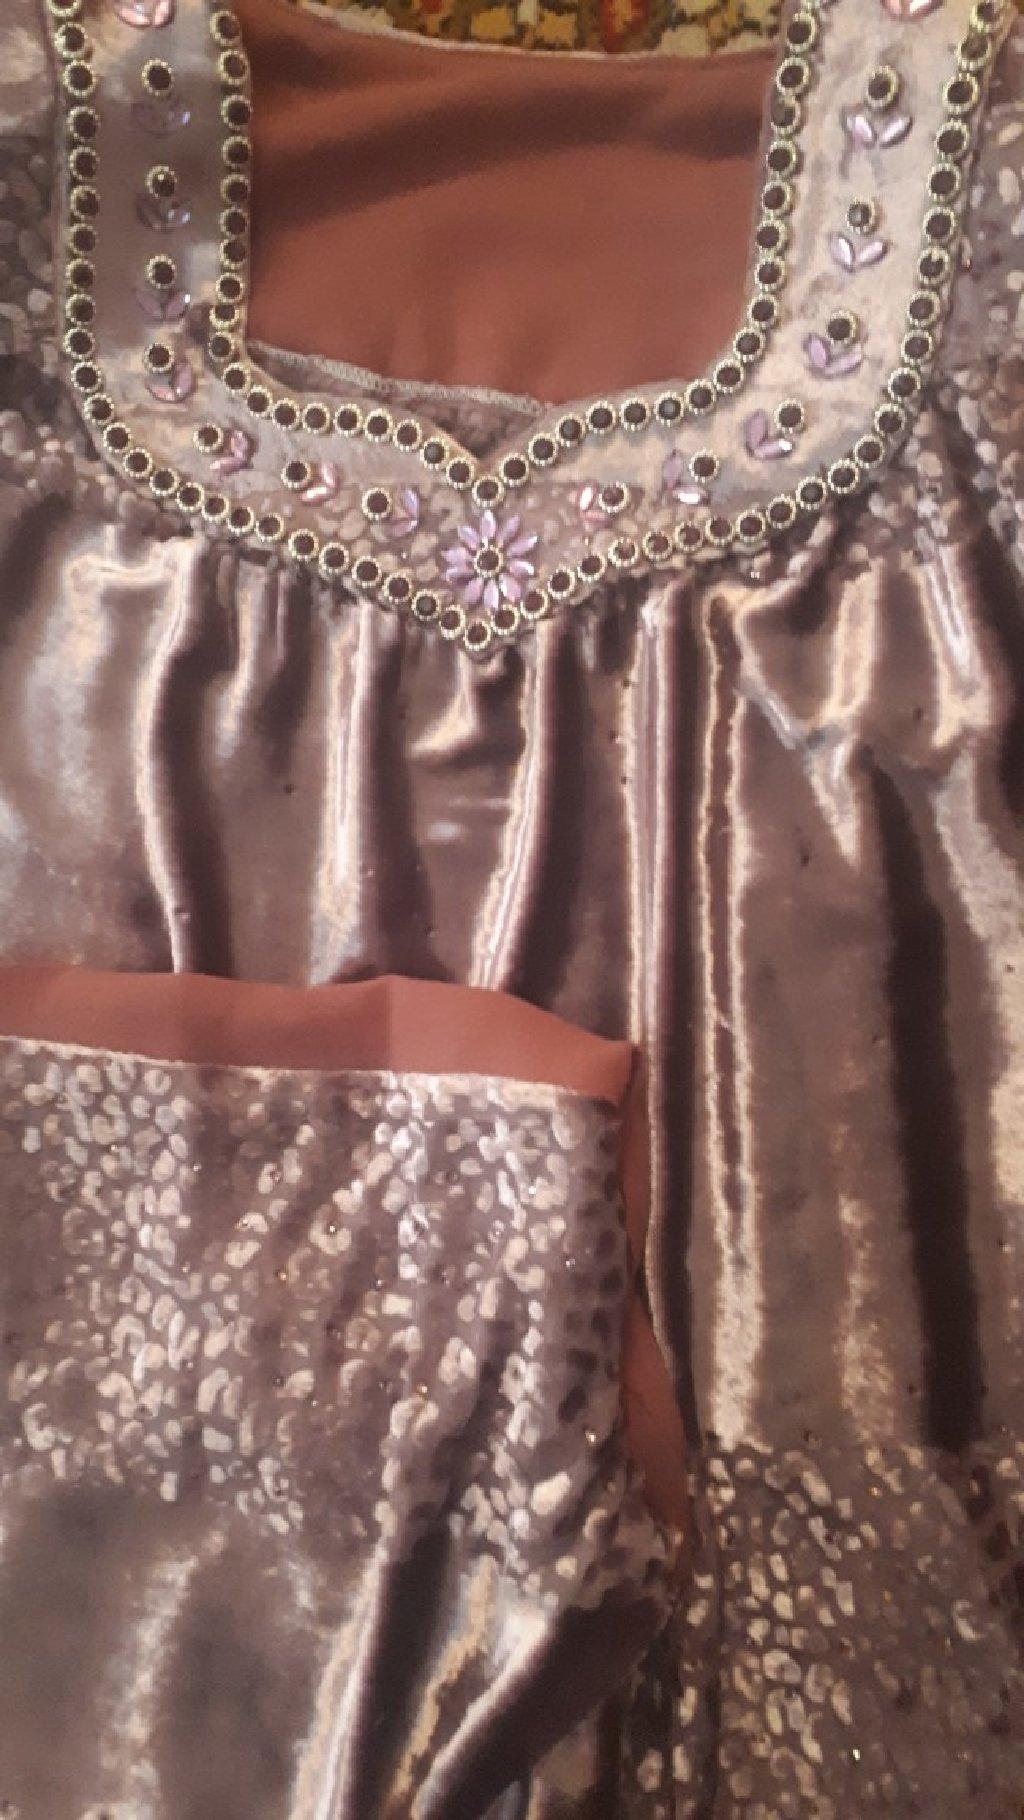 Национальное новое женское платье материал помбархт,цвет бледно фиолетовый